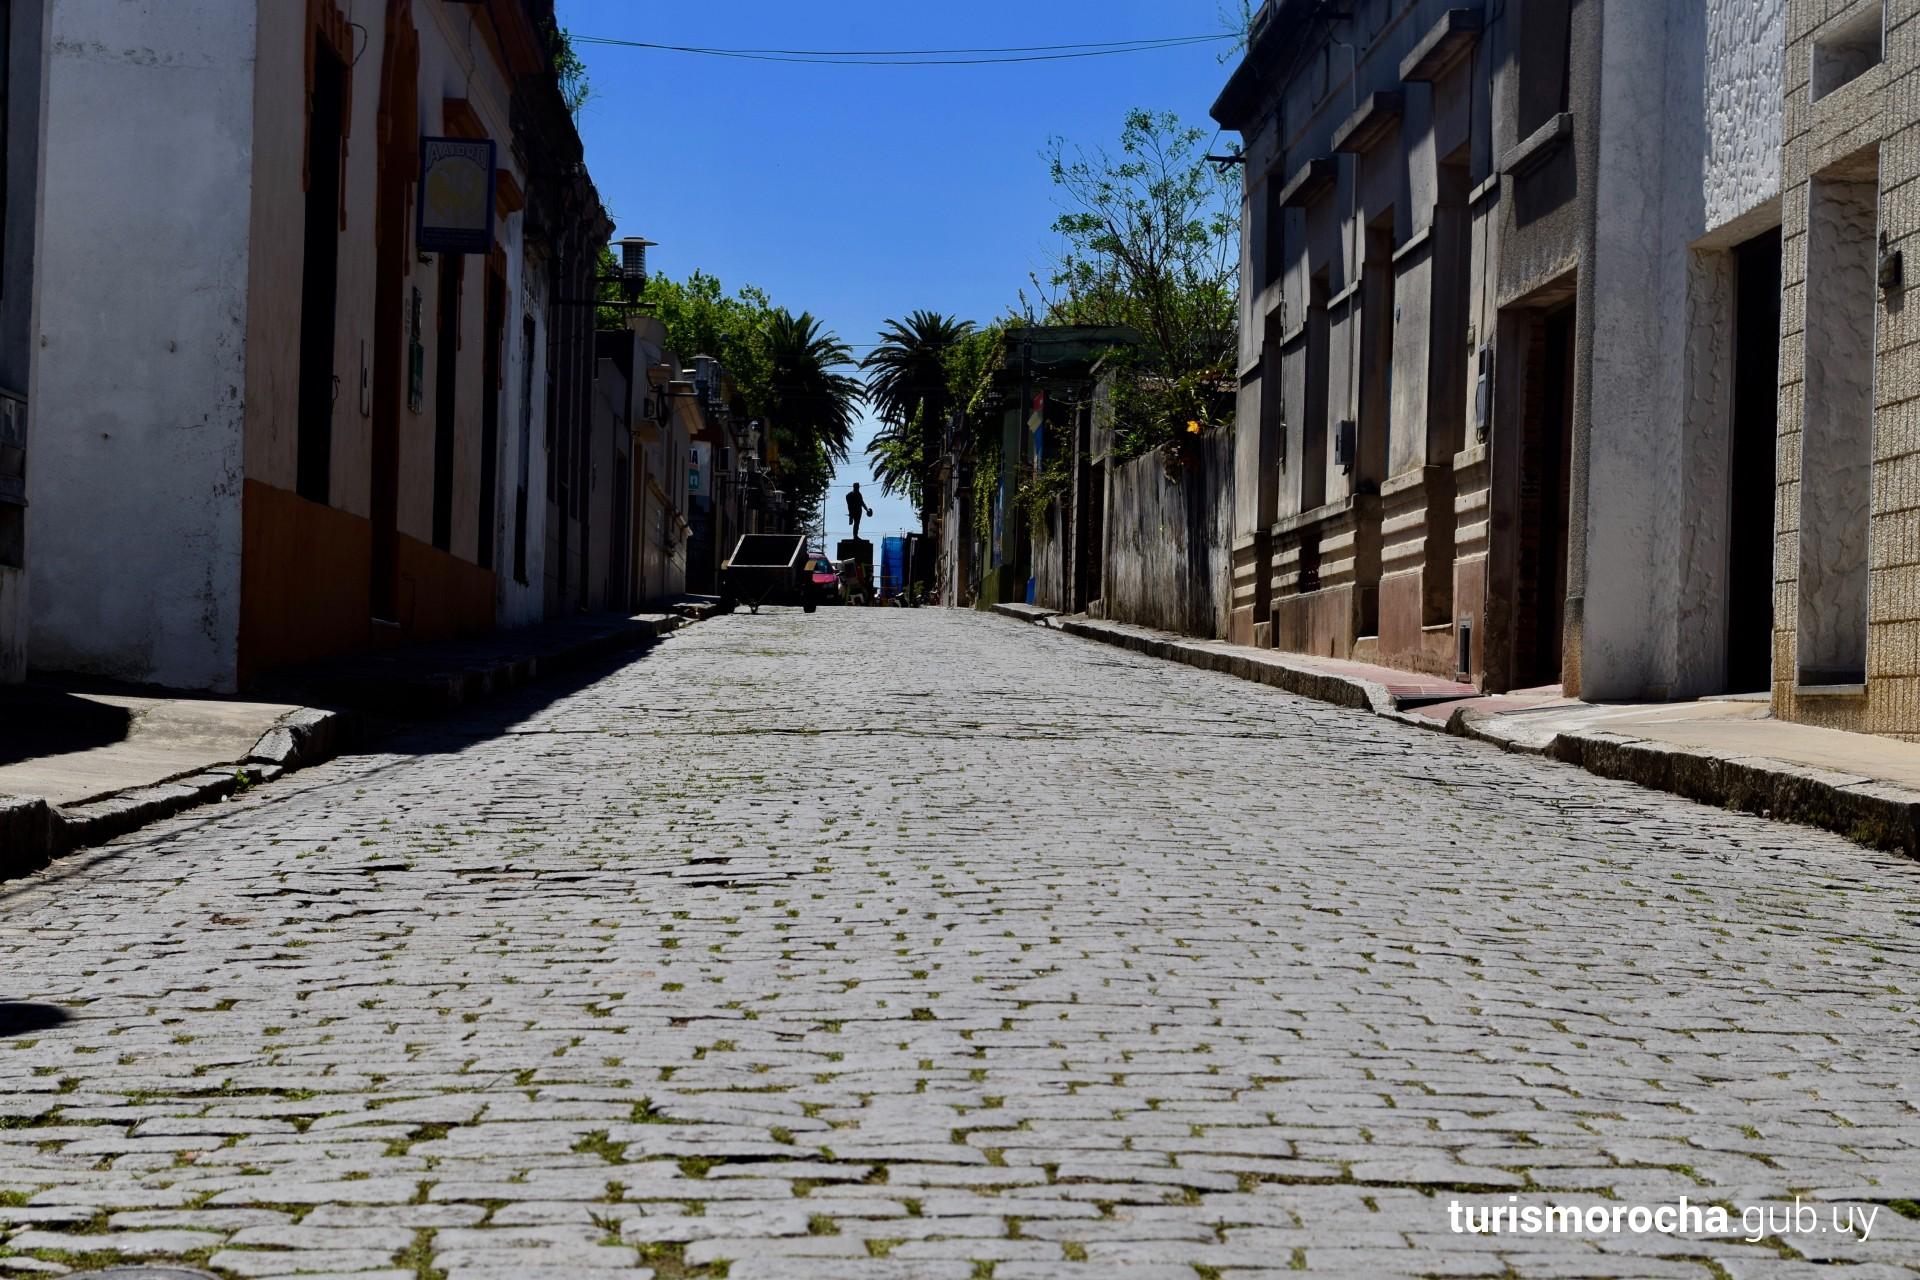 El adoquinado de la ciudad de Rocha: una alfombra de granito